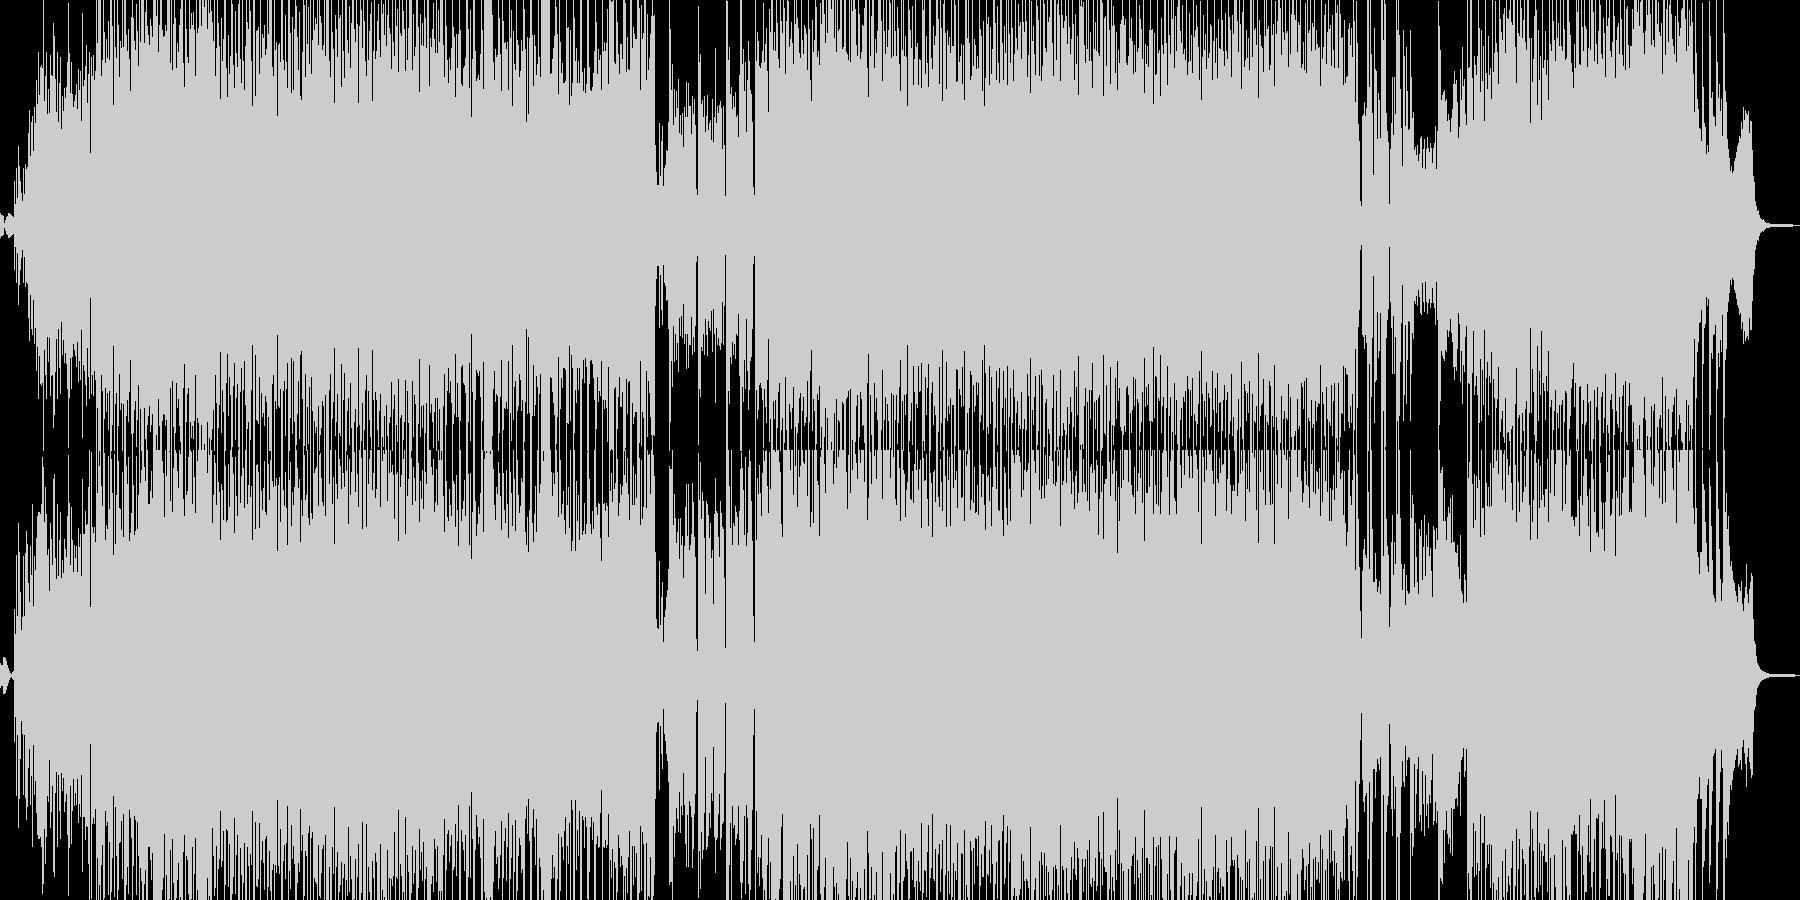 夏のホコ天イメージのパレードテクノの未再生の波形